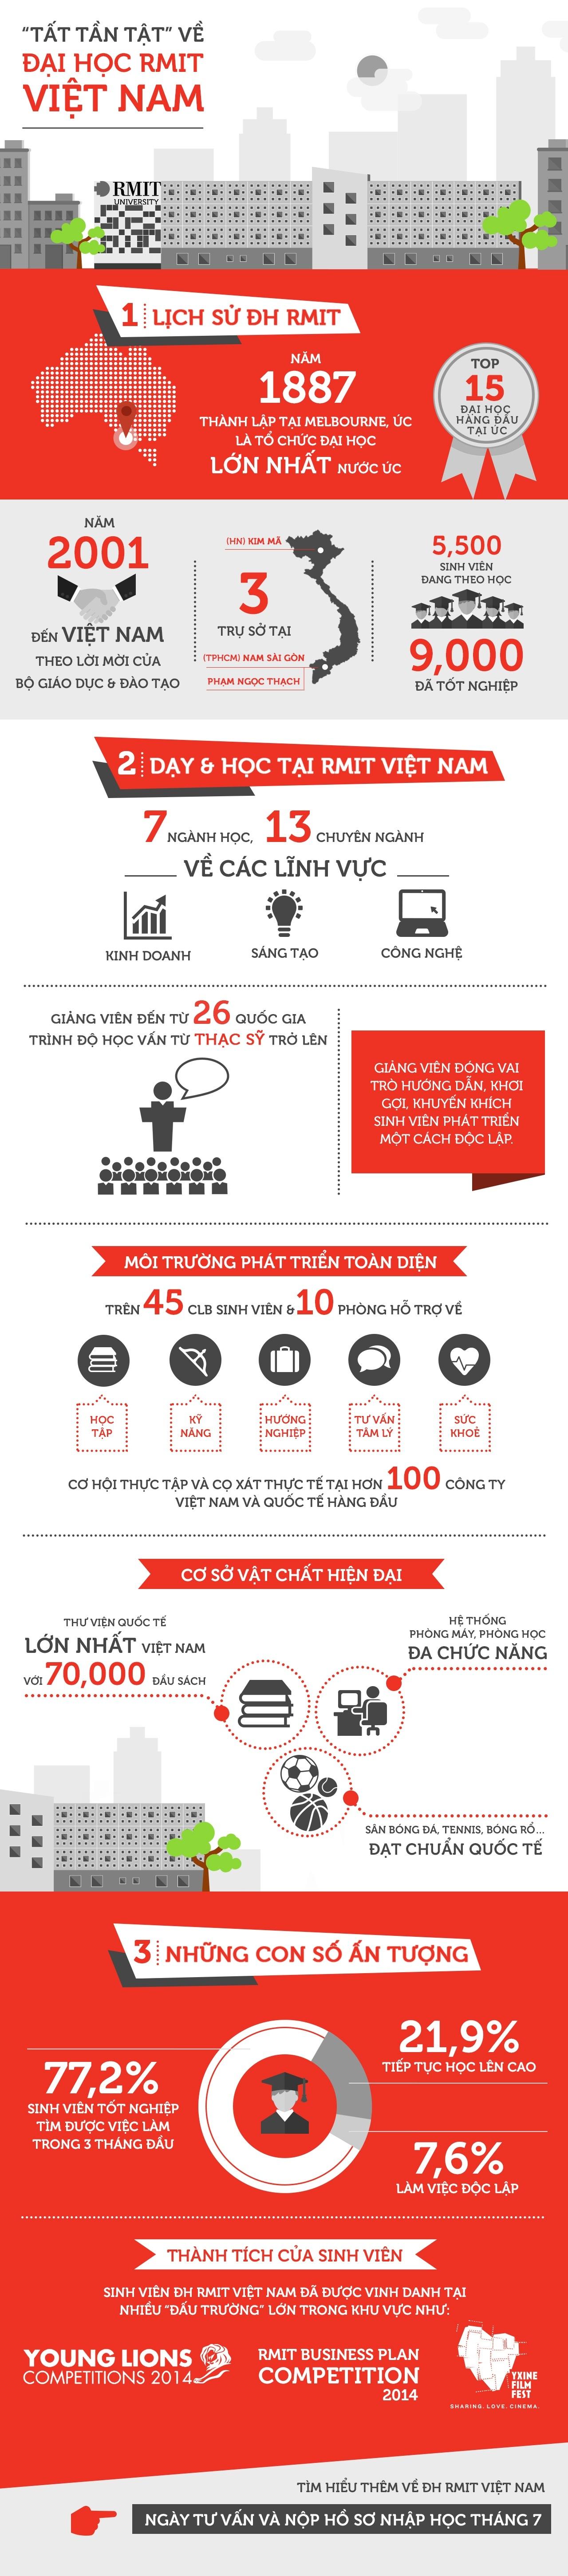 Những con số ấn tượng của RMIT Việt Nam